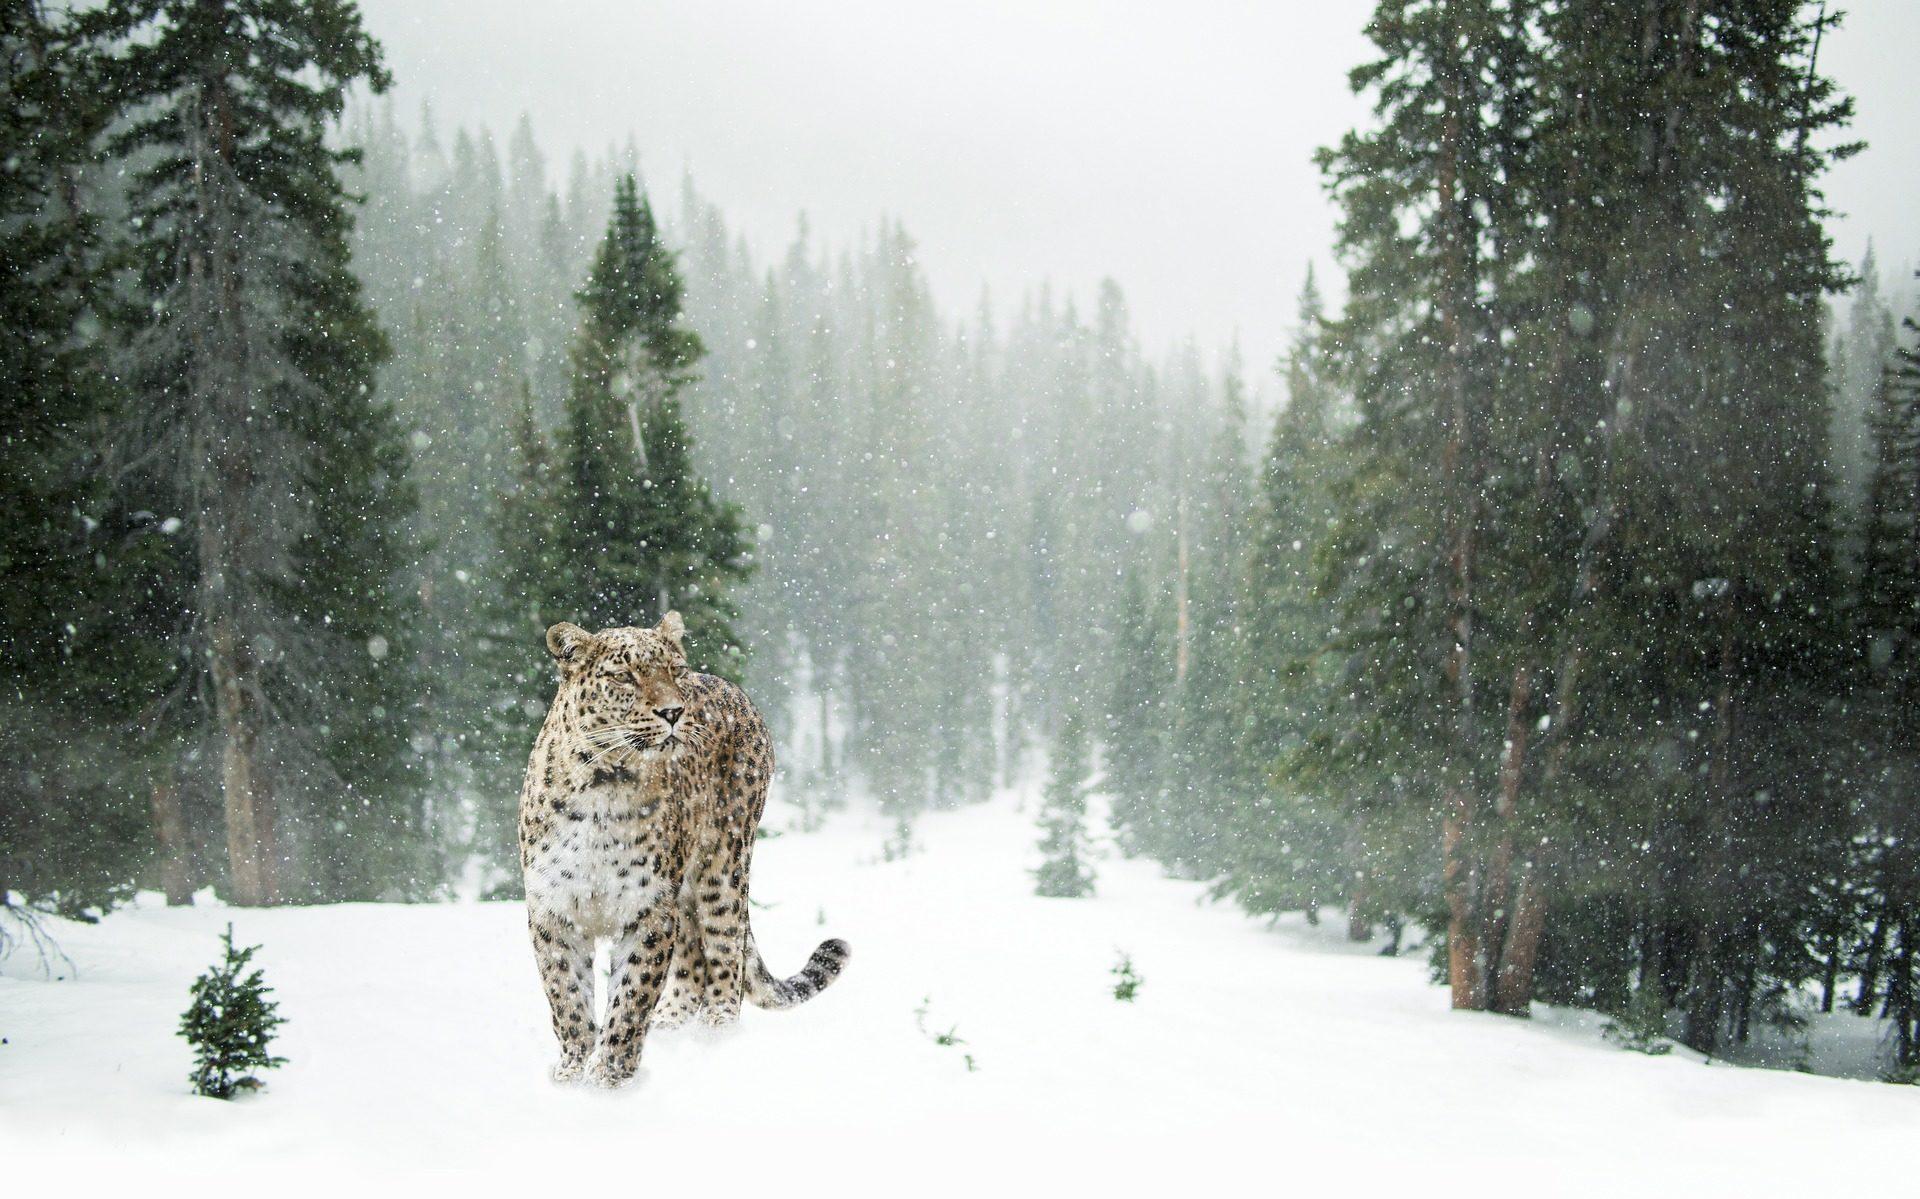 Leopardo, Farsi, neve, foresta, Selvaggio, Nevada - Sfondi HD - Professor-falken.com